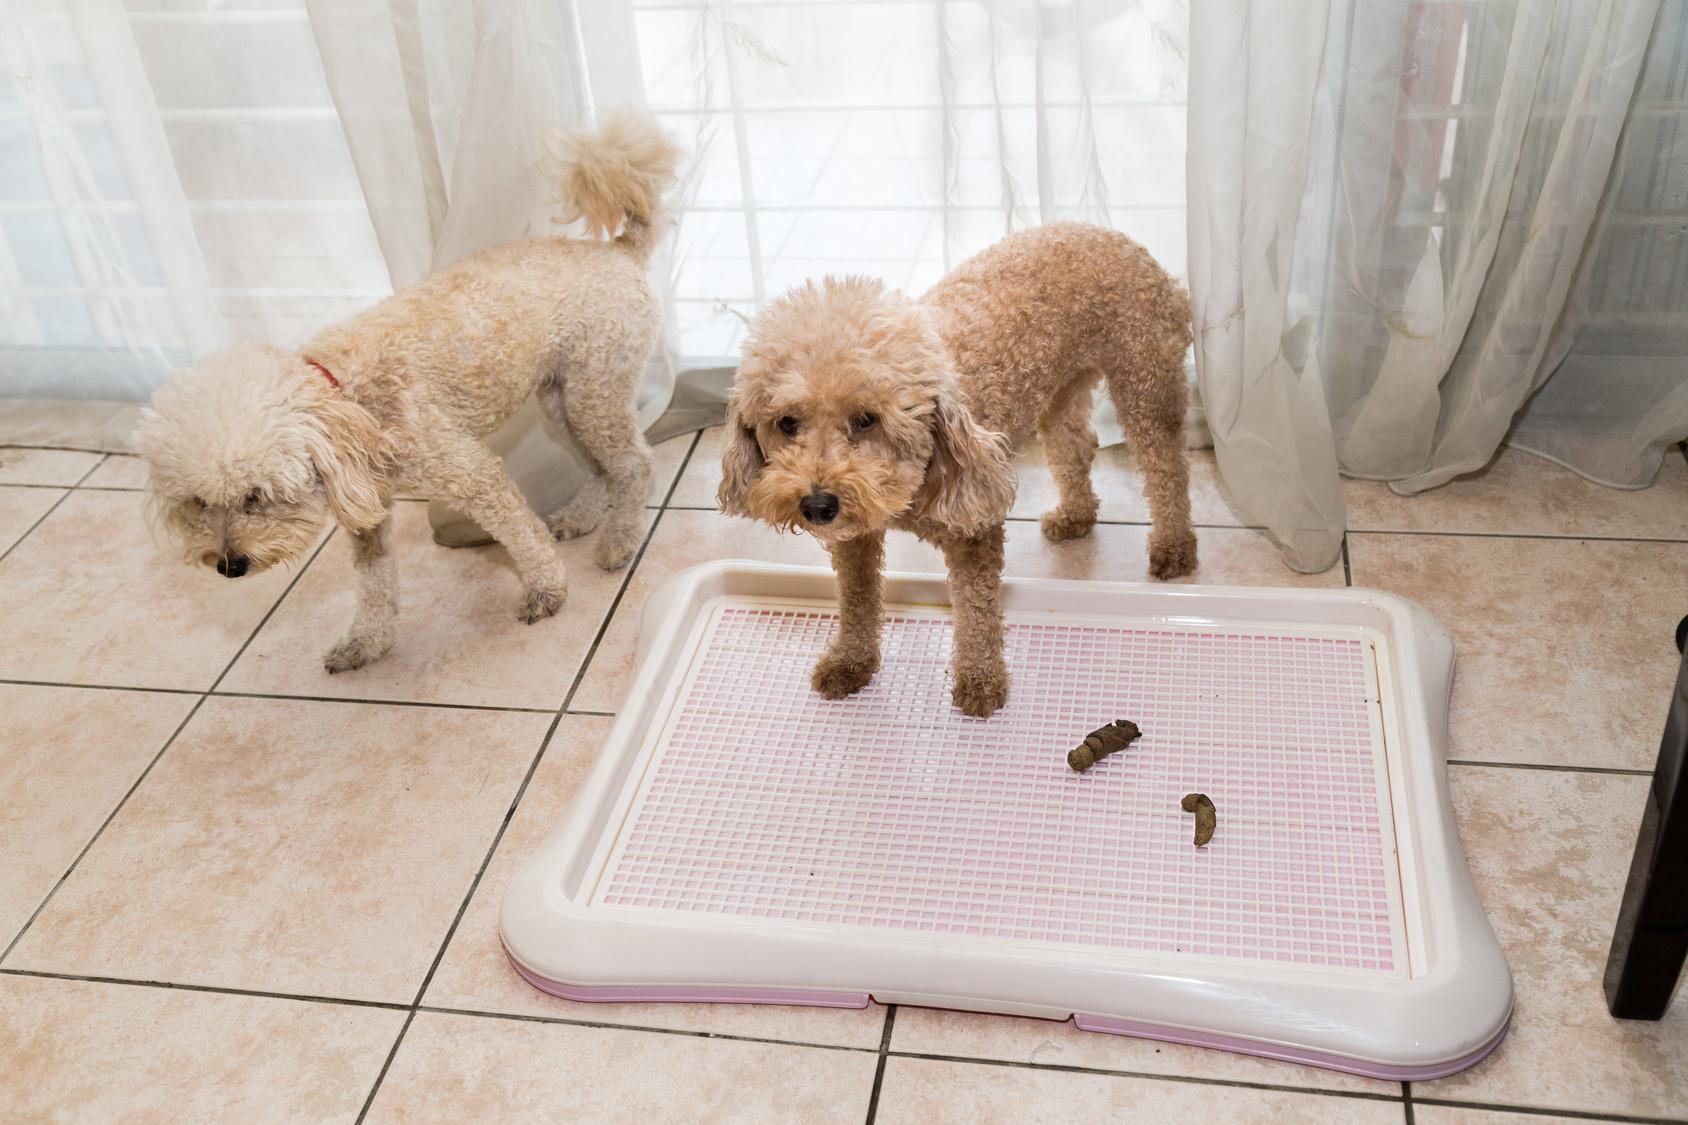 犬はどうして食糞をするの?犬がうんちを食べる理由とは?